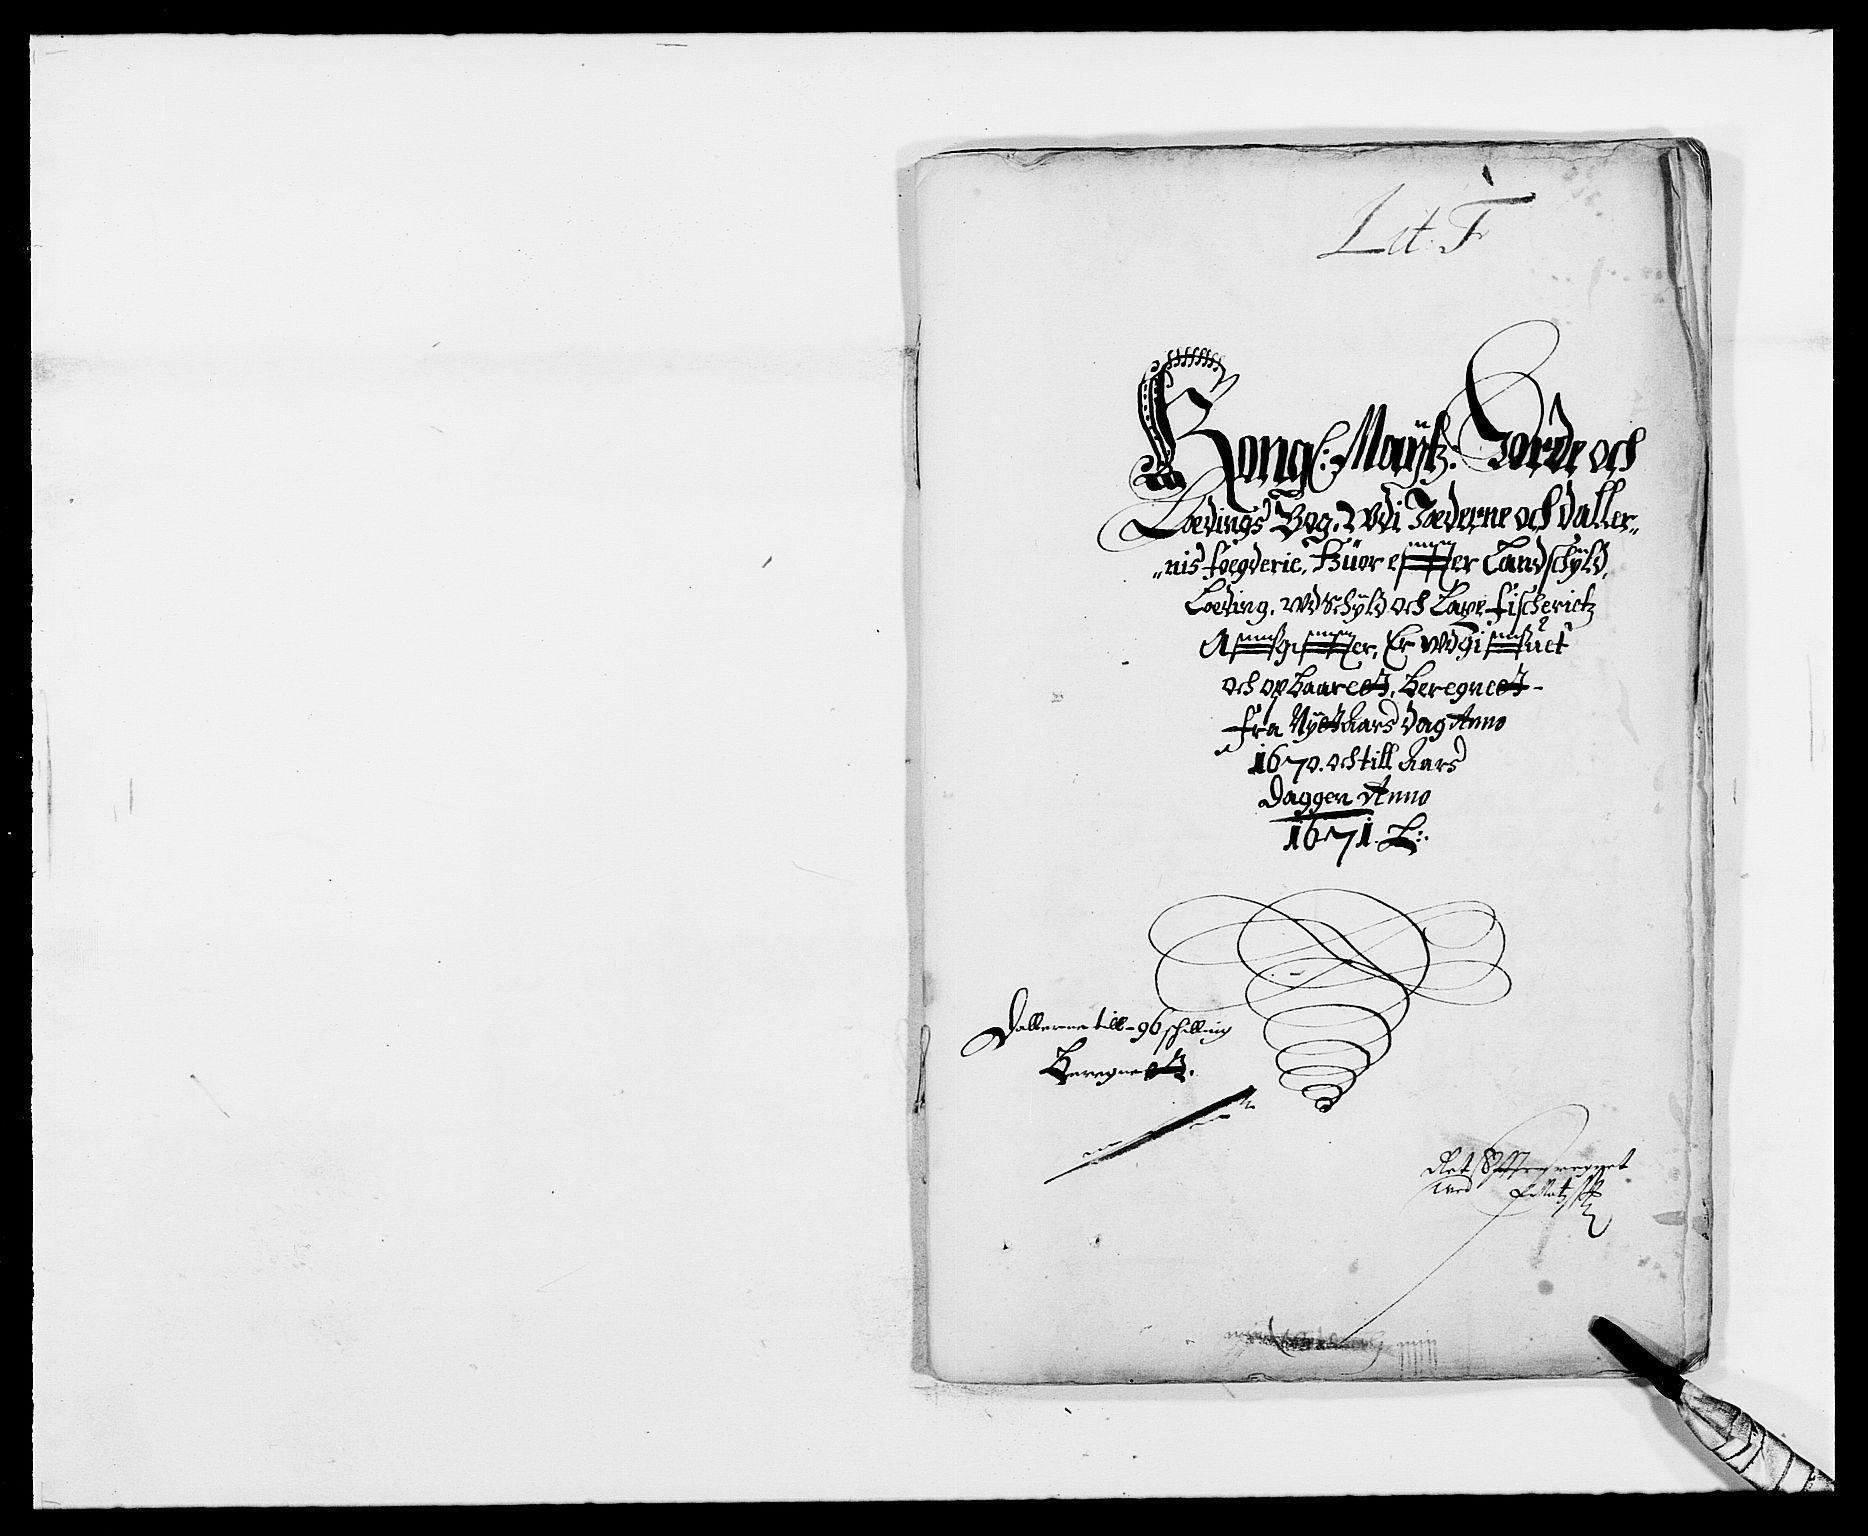 RA, Rentekammeret inntil 1814, Reviderte regnskaper, Fogderegnskap, R46/L2712: Fogderegnskap Jæren og Dalane, 1670-1671, s. 151